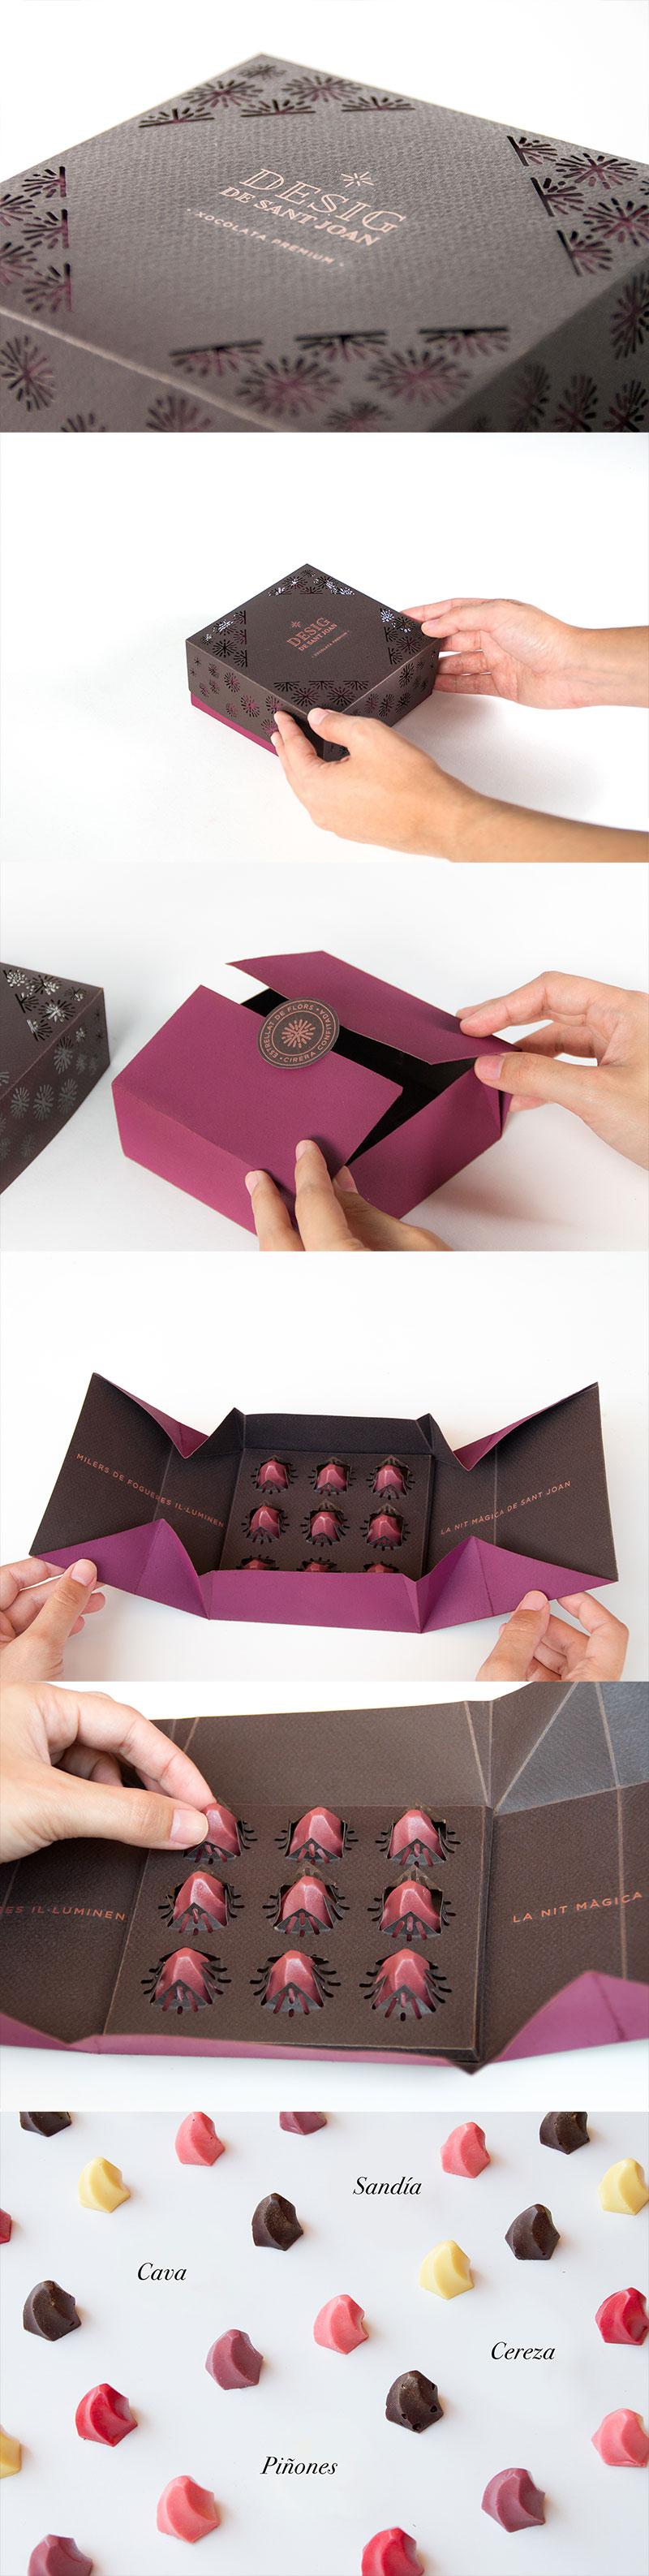 Desig de Sant Joan Chocolate Branding and Packaging